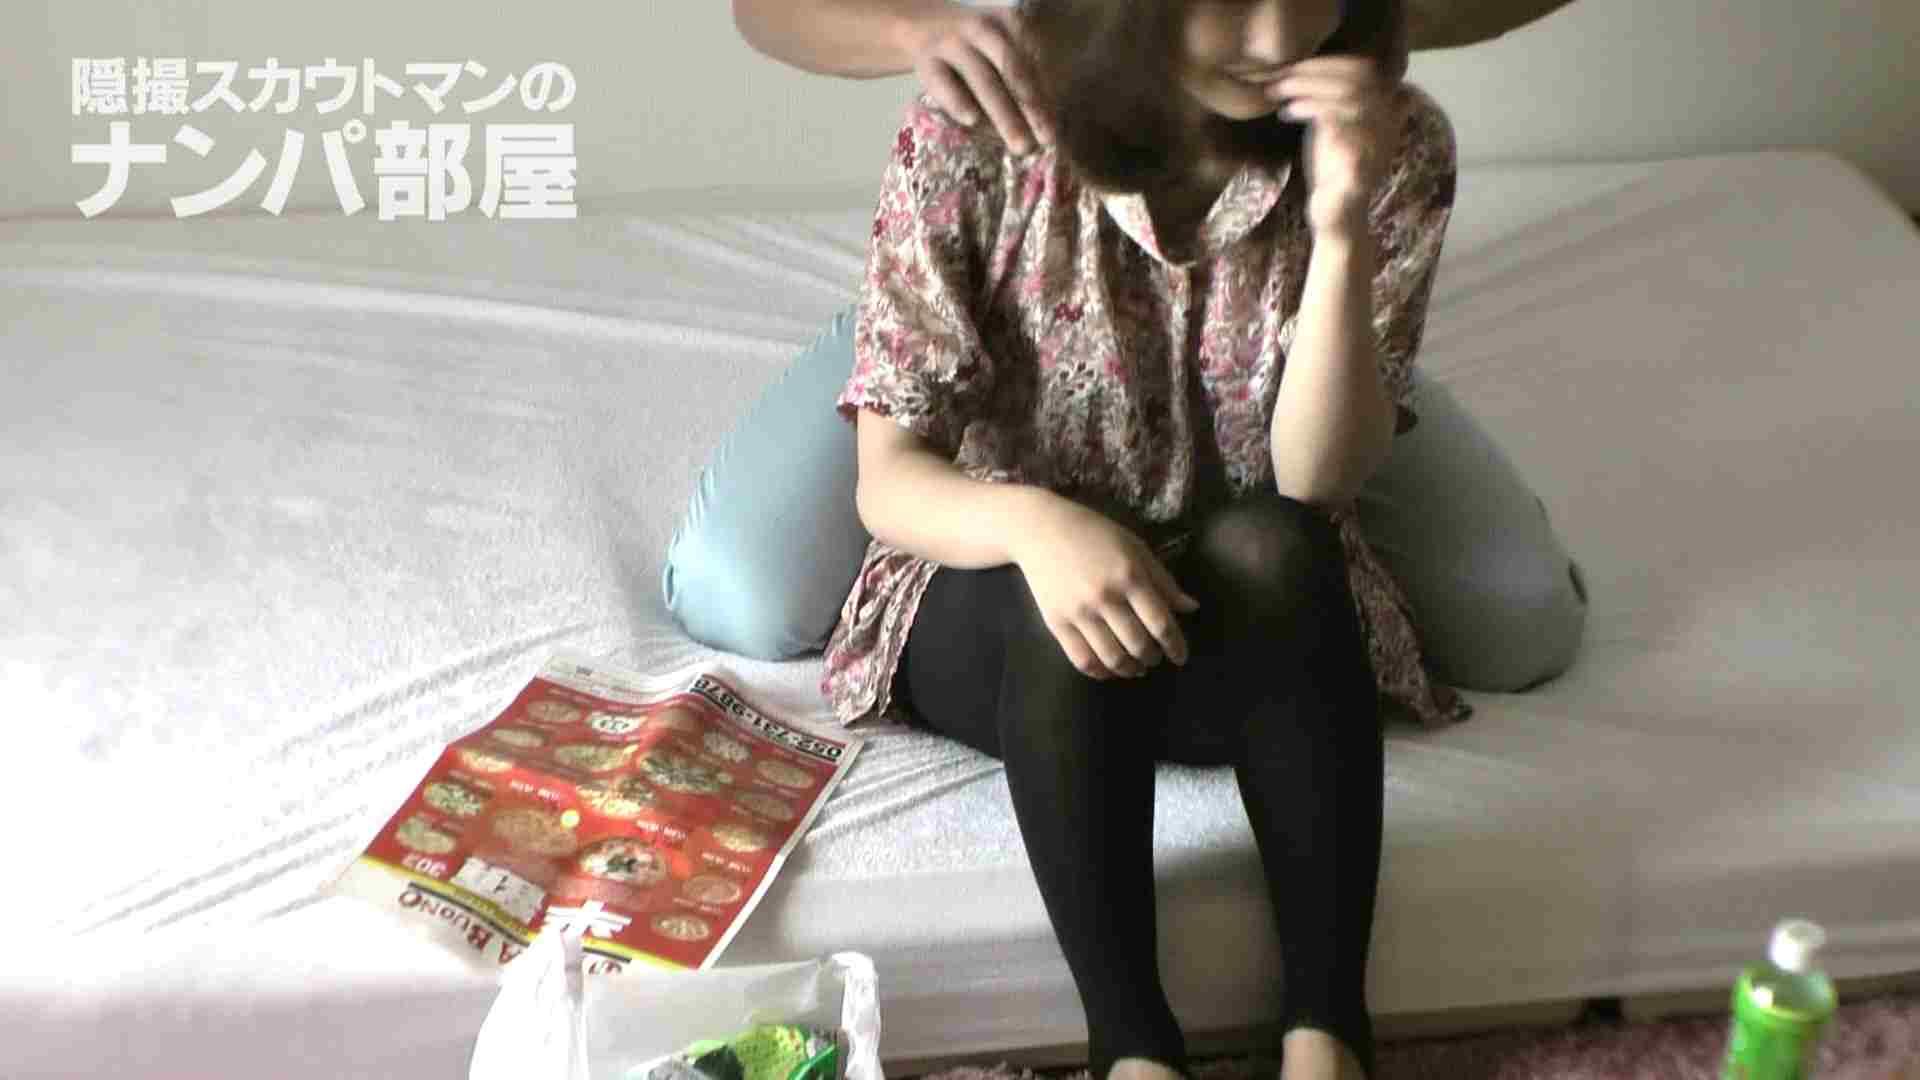 隠撮スカウトマンのナンパ部屋~風俗デビュー前のつまみ食い~ sii 隠撮  84連発 9